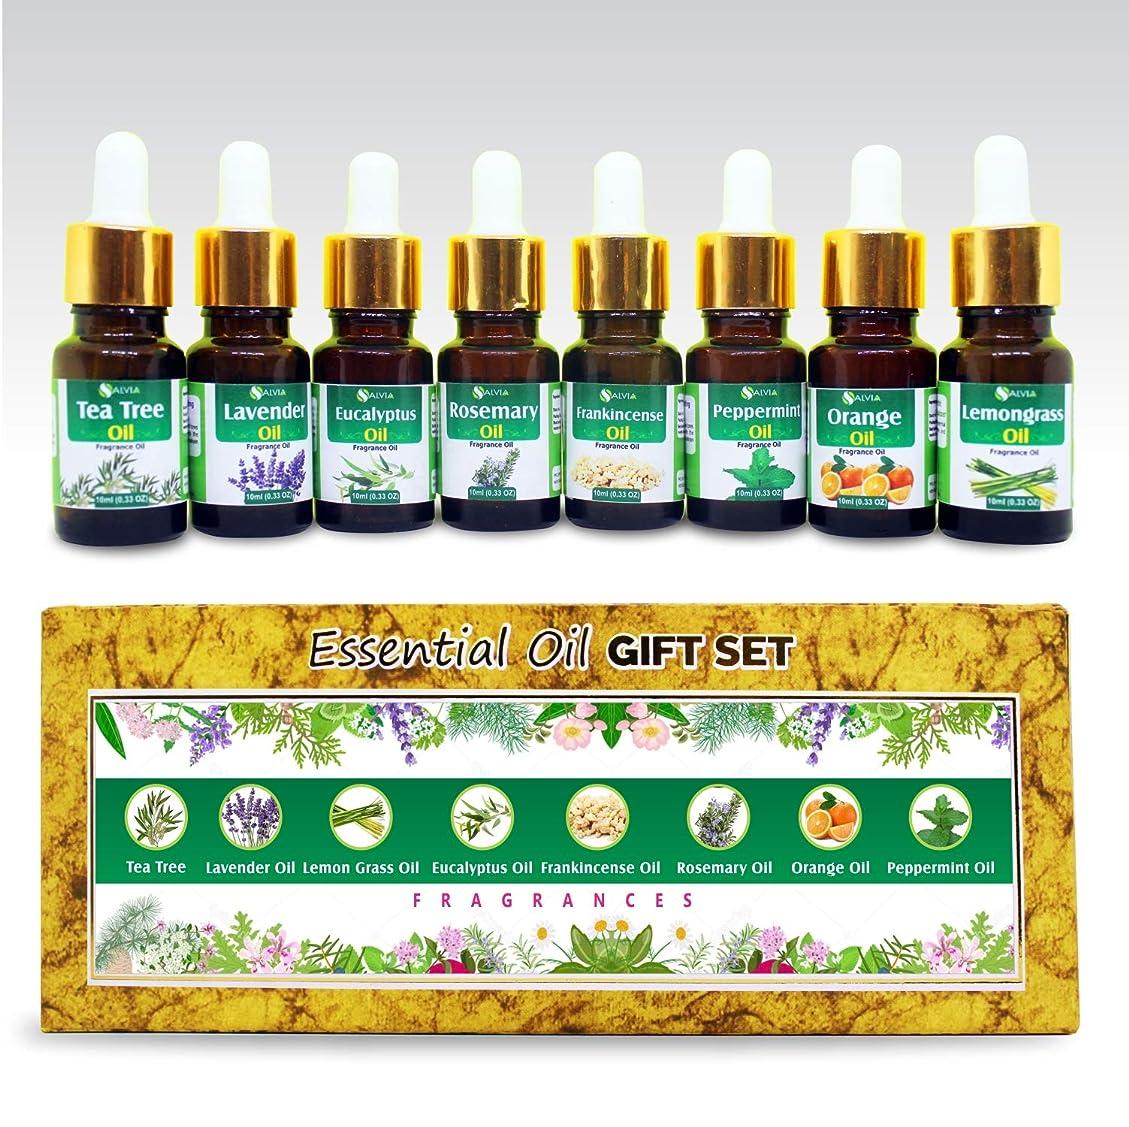 栄光包囲家主Aromatherapy Fragrance Oils 100% Natural Therapeutic Essential Oils 10ml each (Tea Tree, Lavender, Eucalyptus, Frankincense, Lemongrass, Rosemary, Orange, Peppermint) Gift set